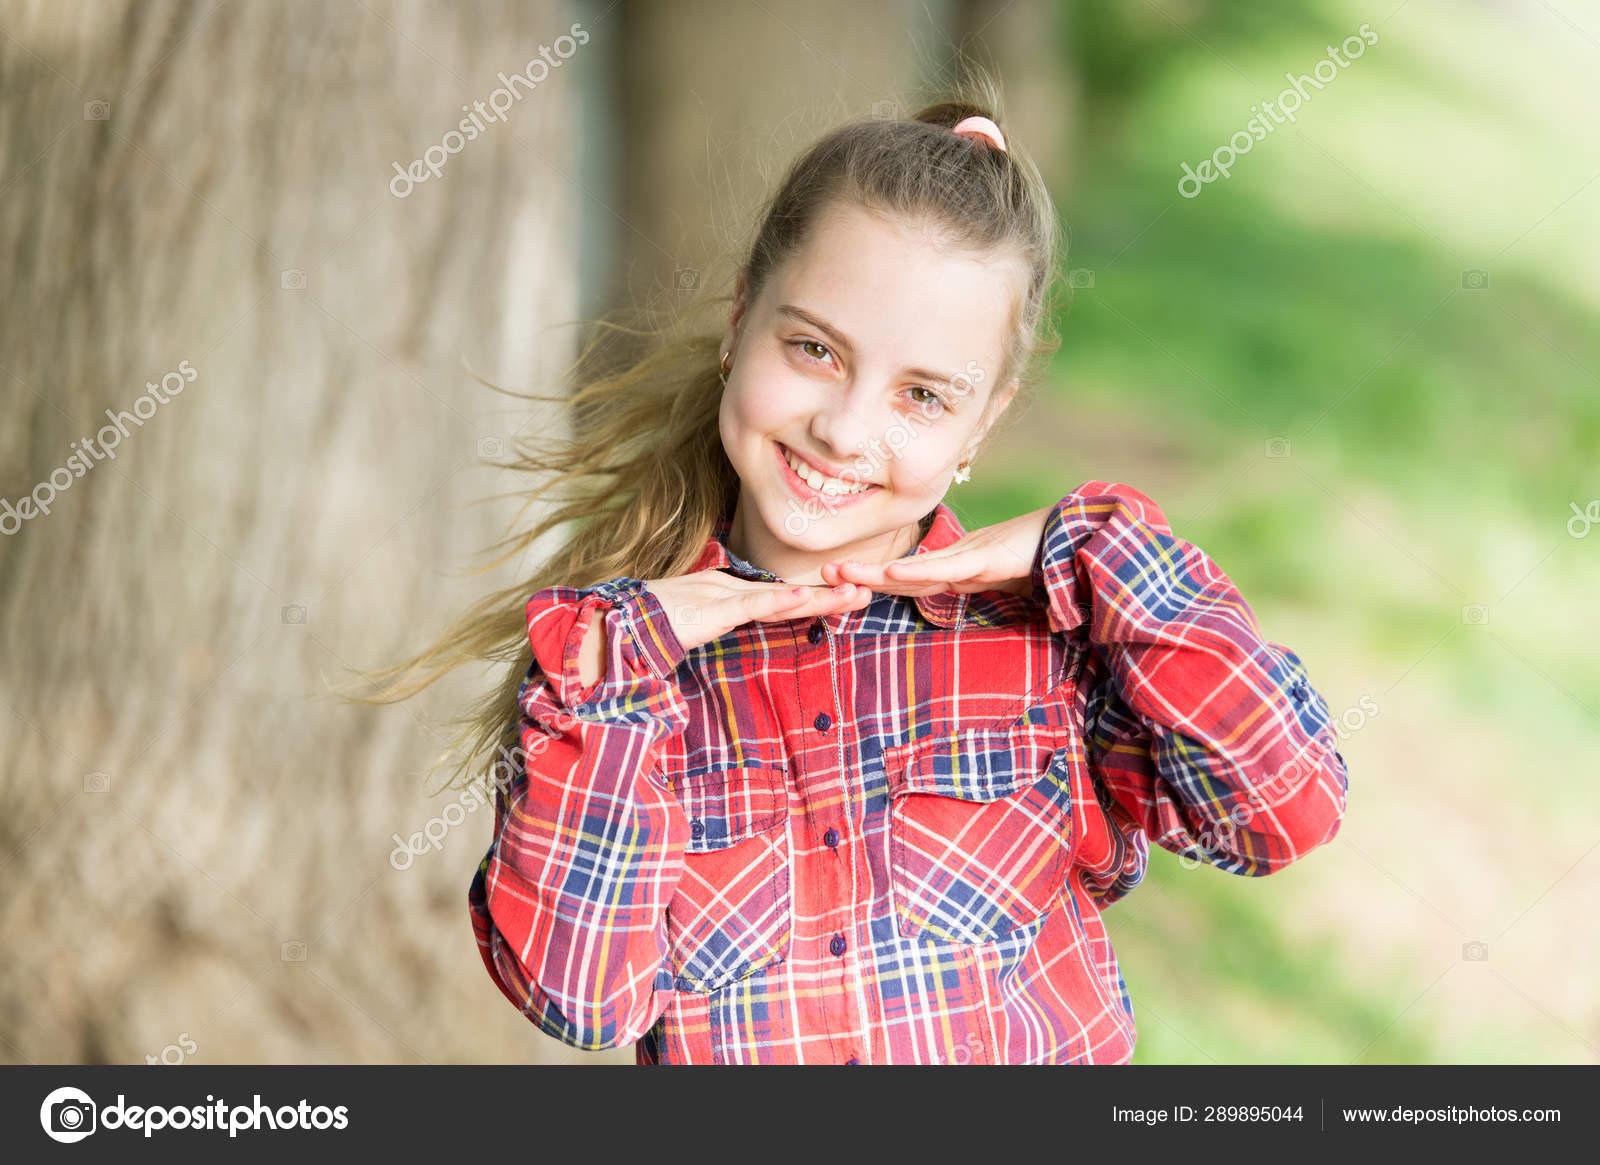 アドルバレの赤ちゃんの顔かわいい顔の外観を持つ幸せな子供